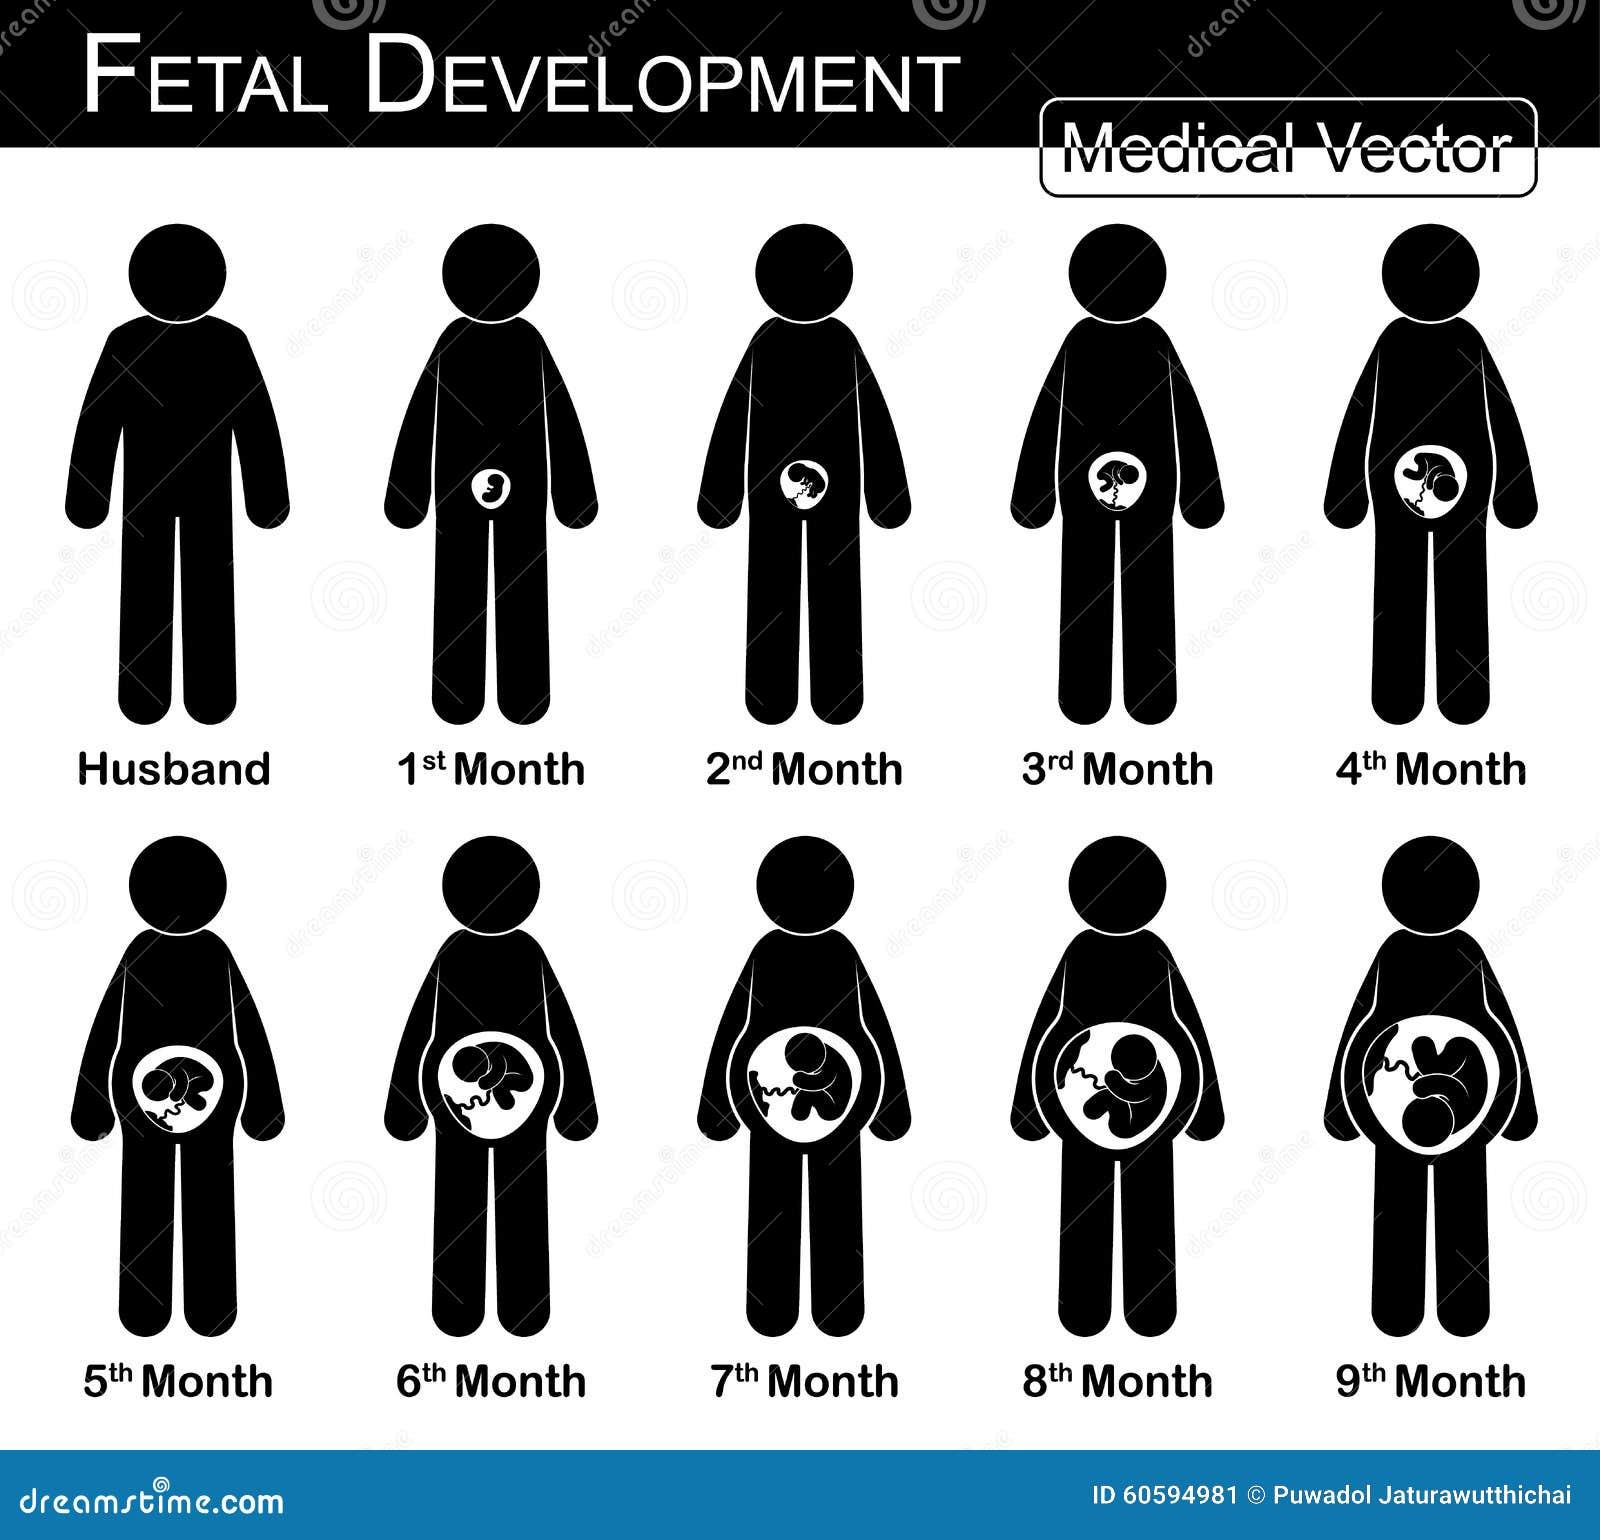 Sviluppo fetale (donna incinta e crescita fetale in utero)